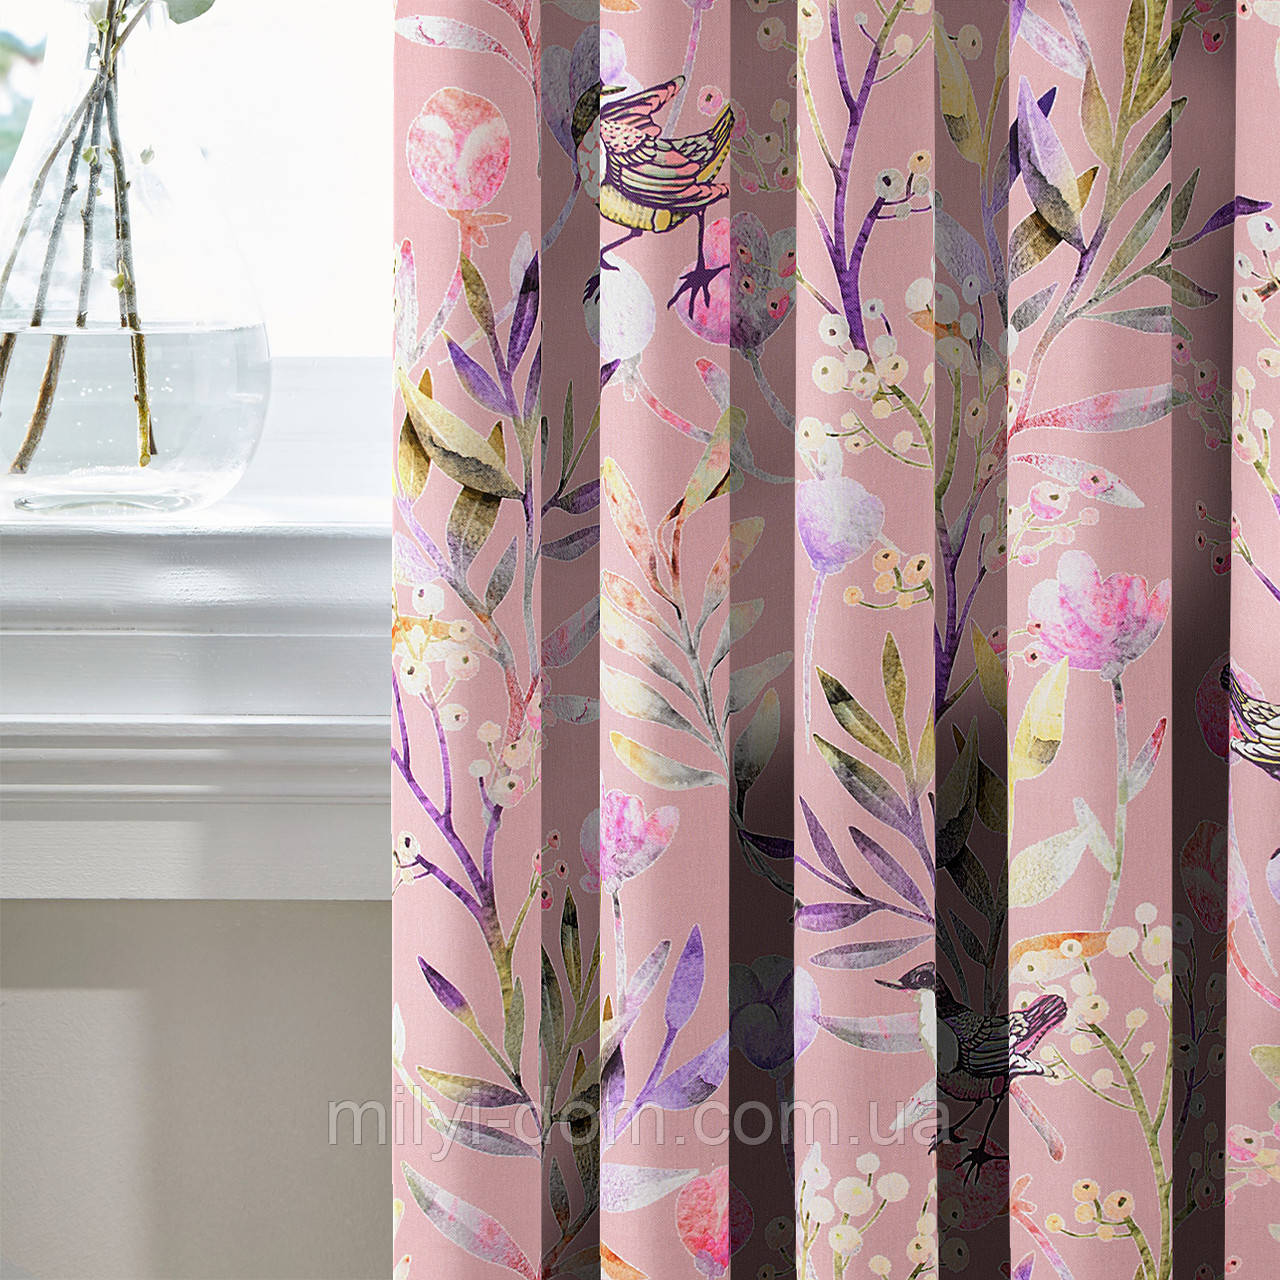 Шторы в стиле Прованс Птичий Мир Розовый (MG-SHT-167588), 170*135 см (2 шт.)